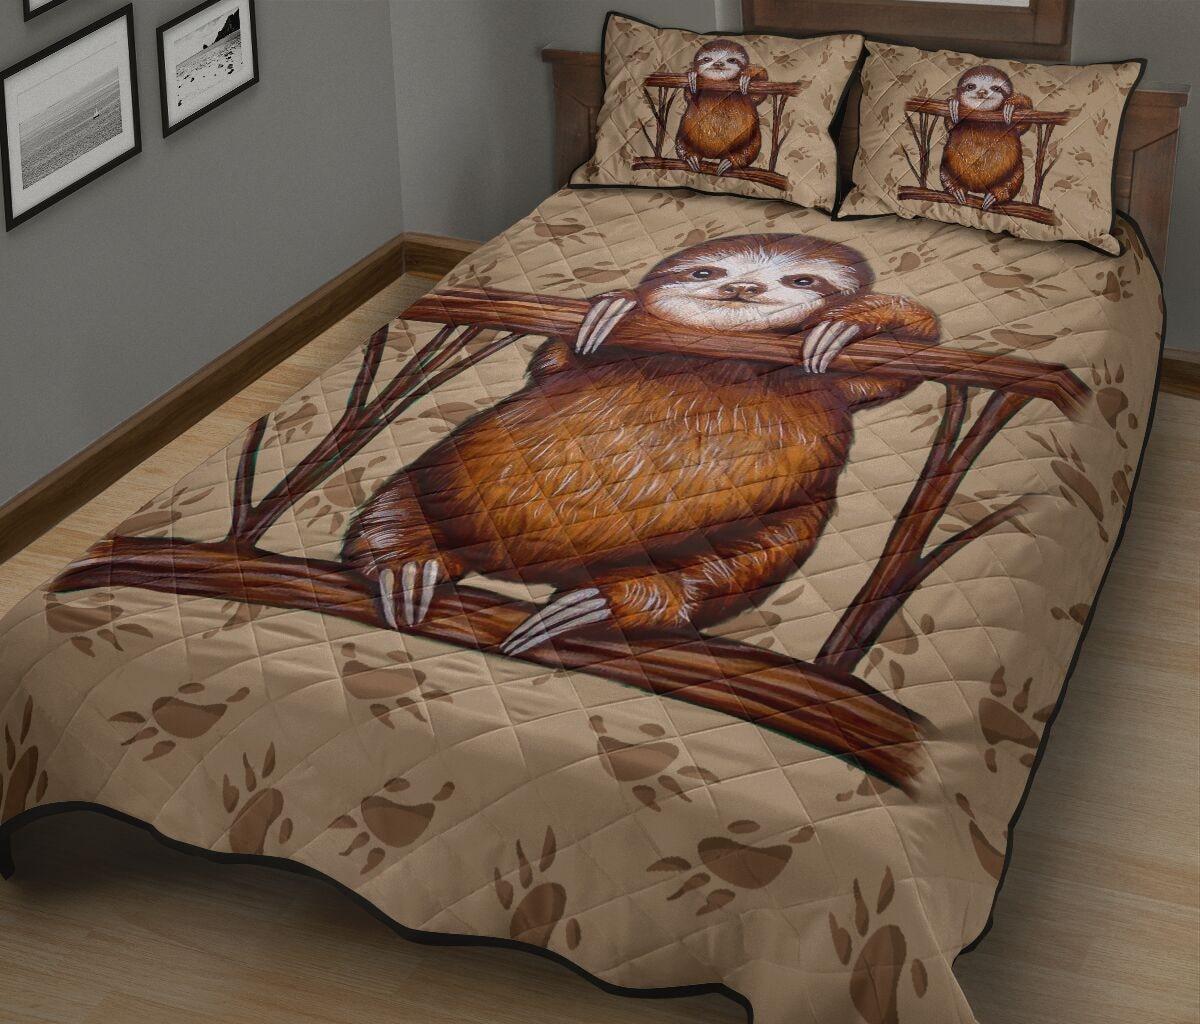 vintage sloth all over print bedding set 3